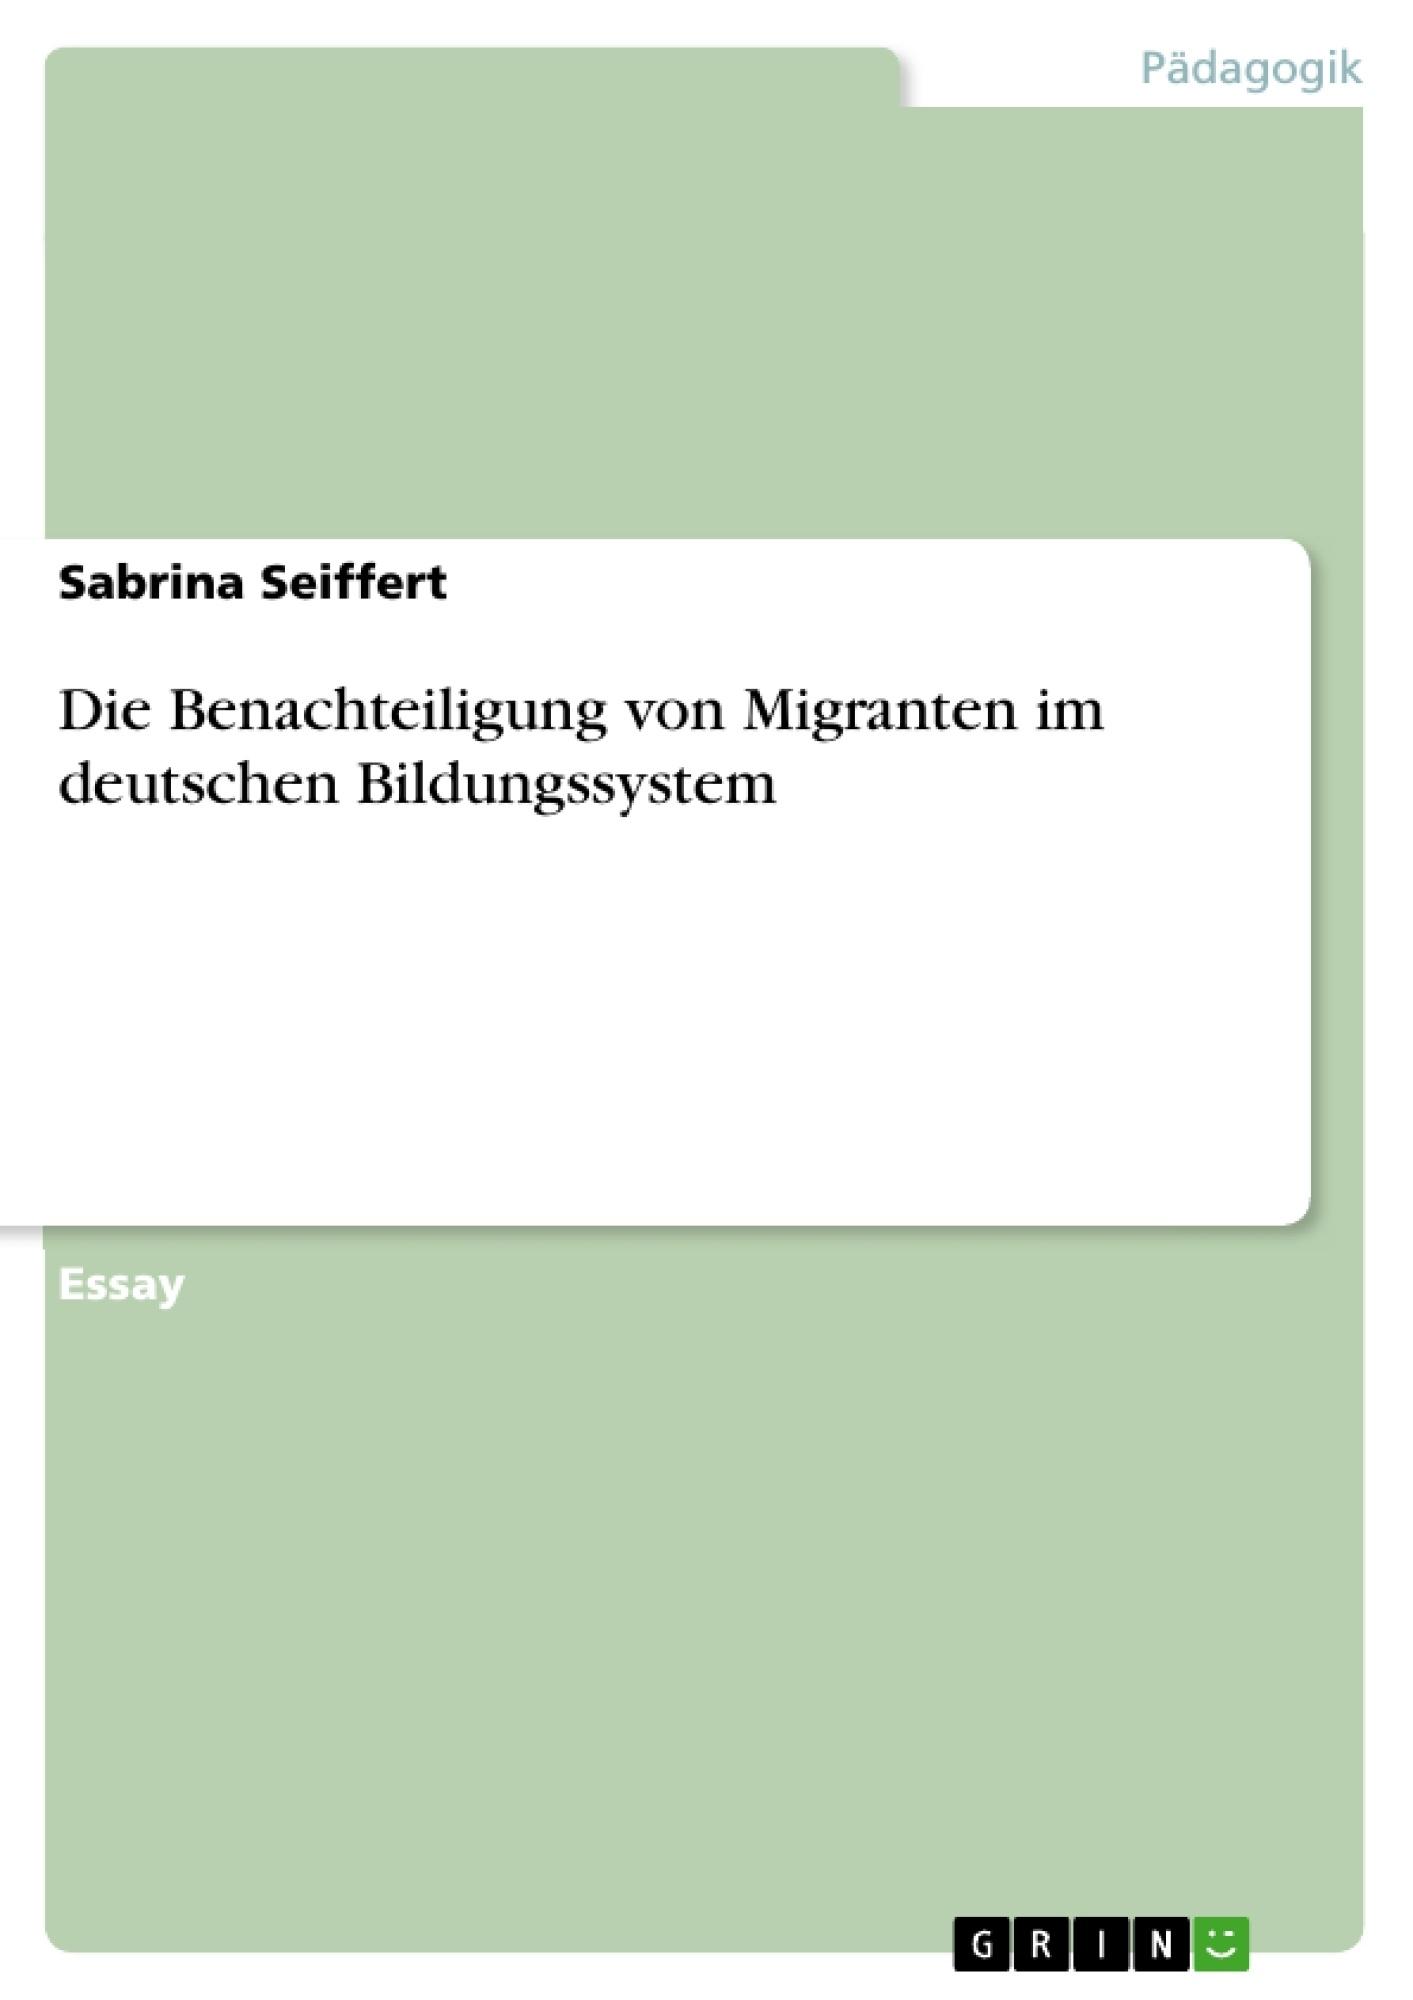 Titel: Die Benachteiligung von Migranten im deutschen Bildungssystem